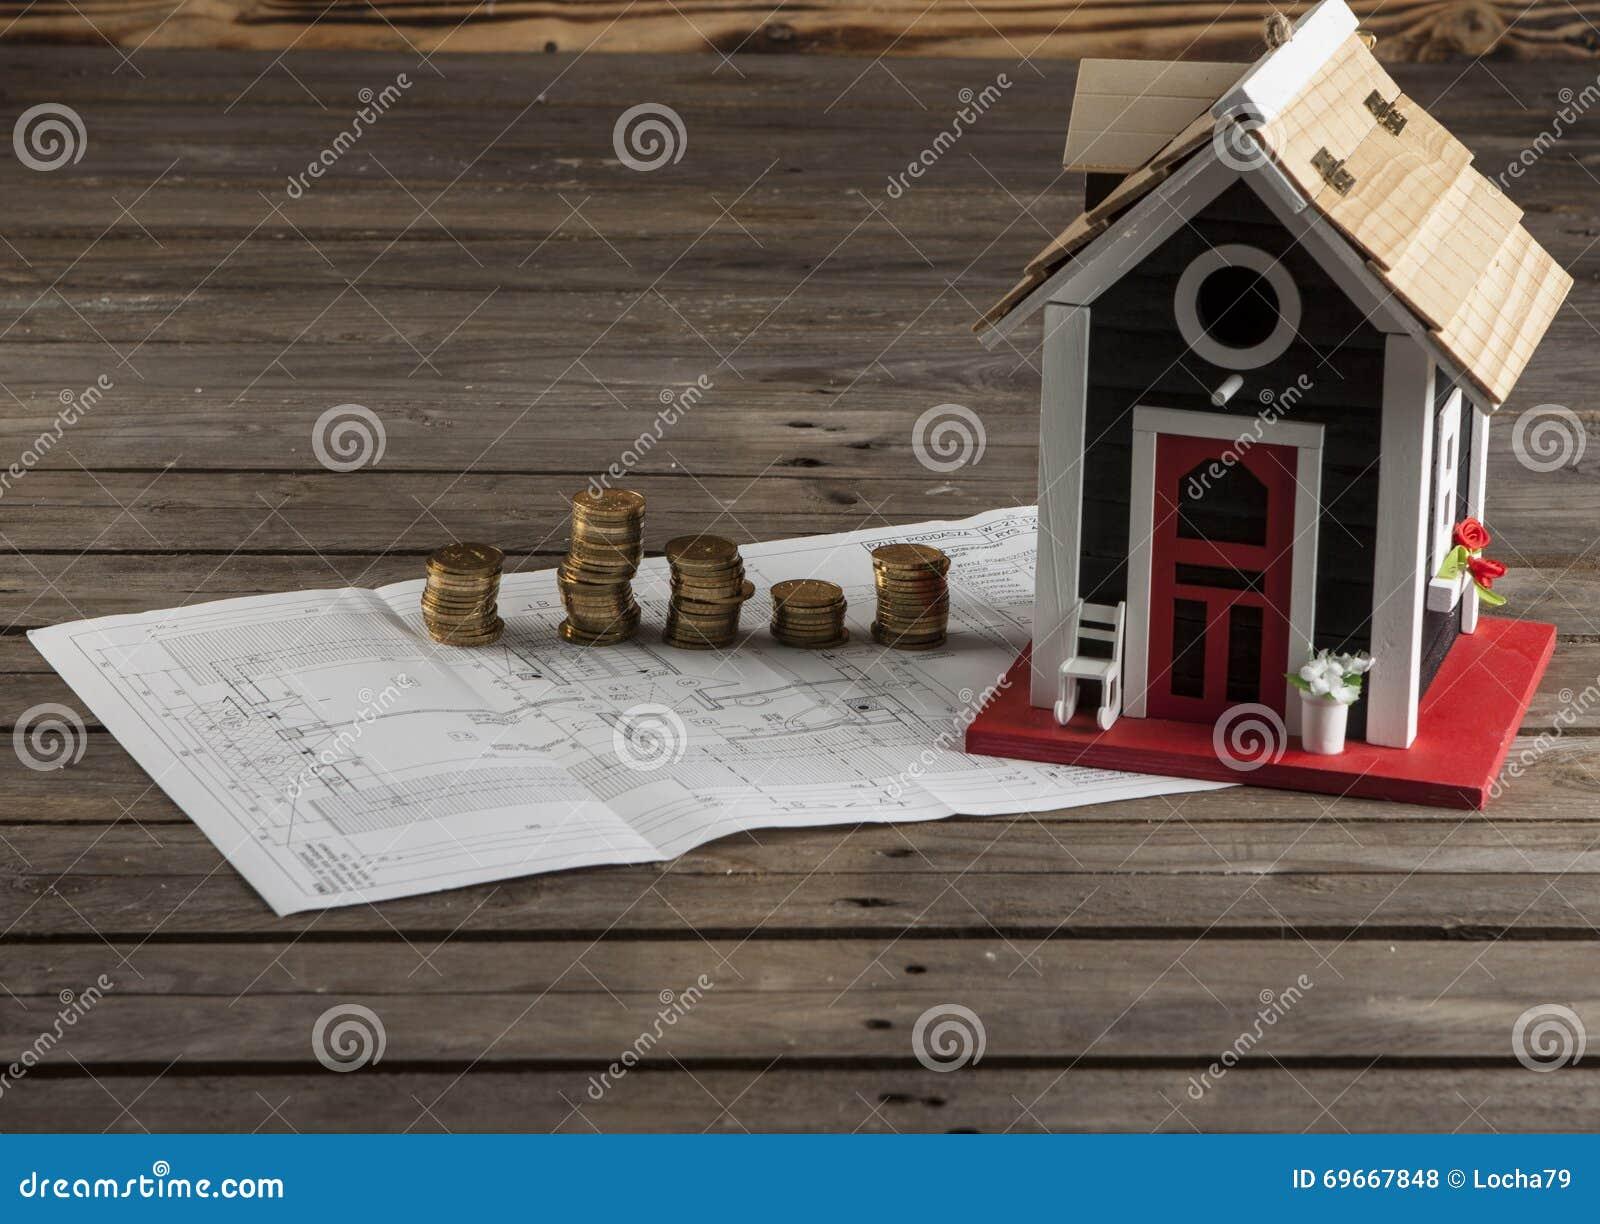 Dessins Pour La Construction Et La Petite Maison En Bois Photo Stock